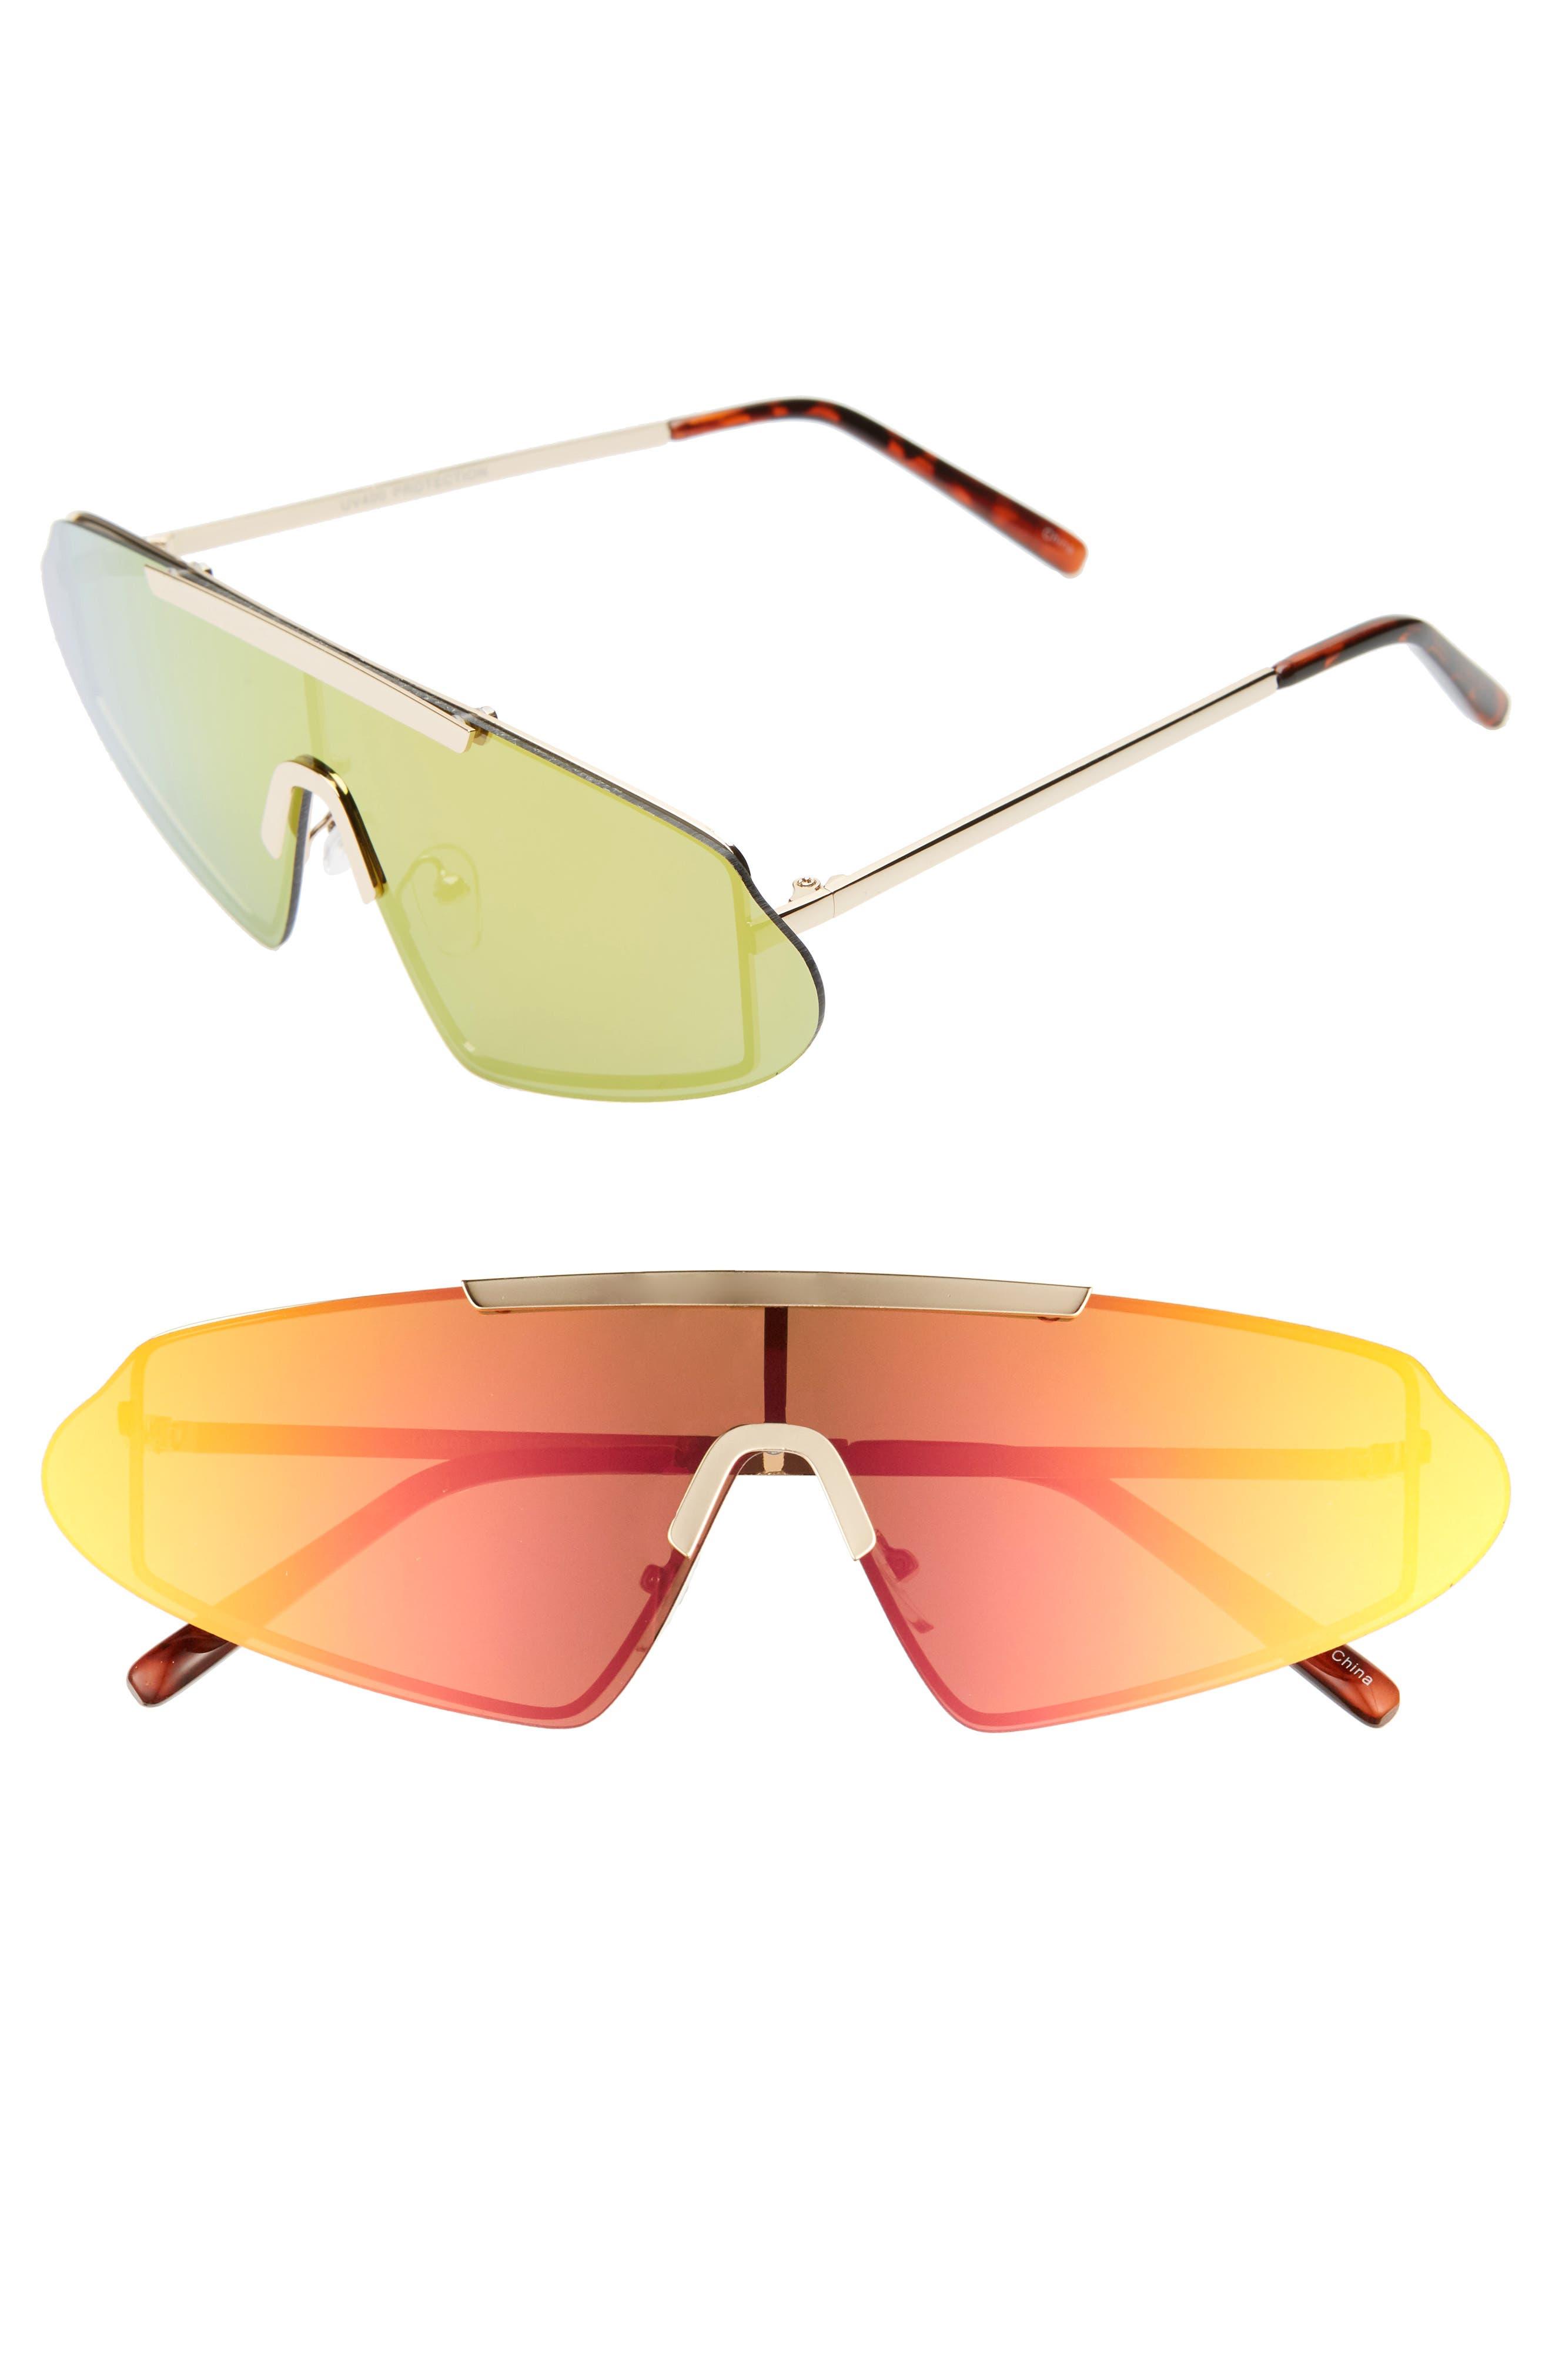 Rad + Refined Rimless Mirrored Sunglasses - Gold/ Multi